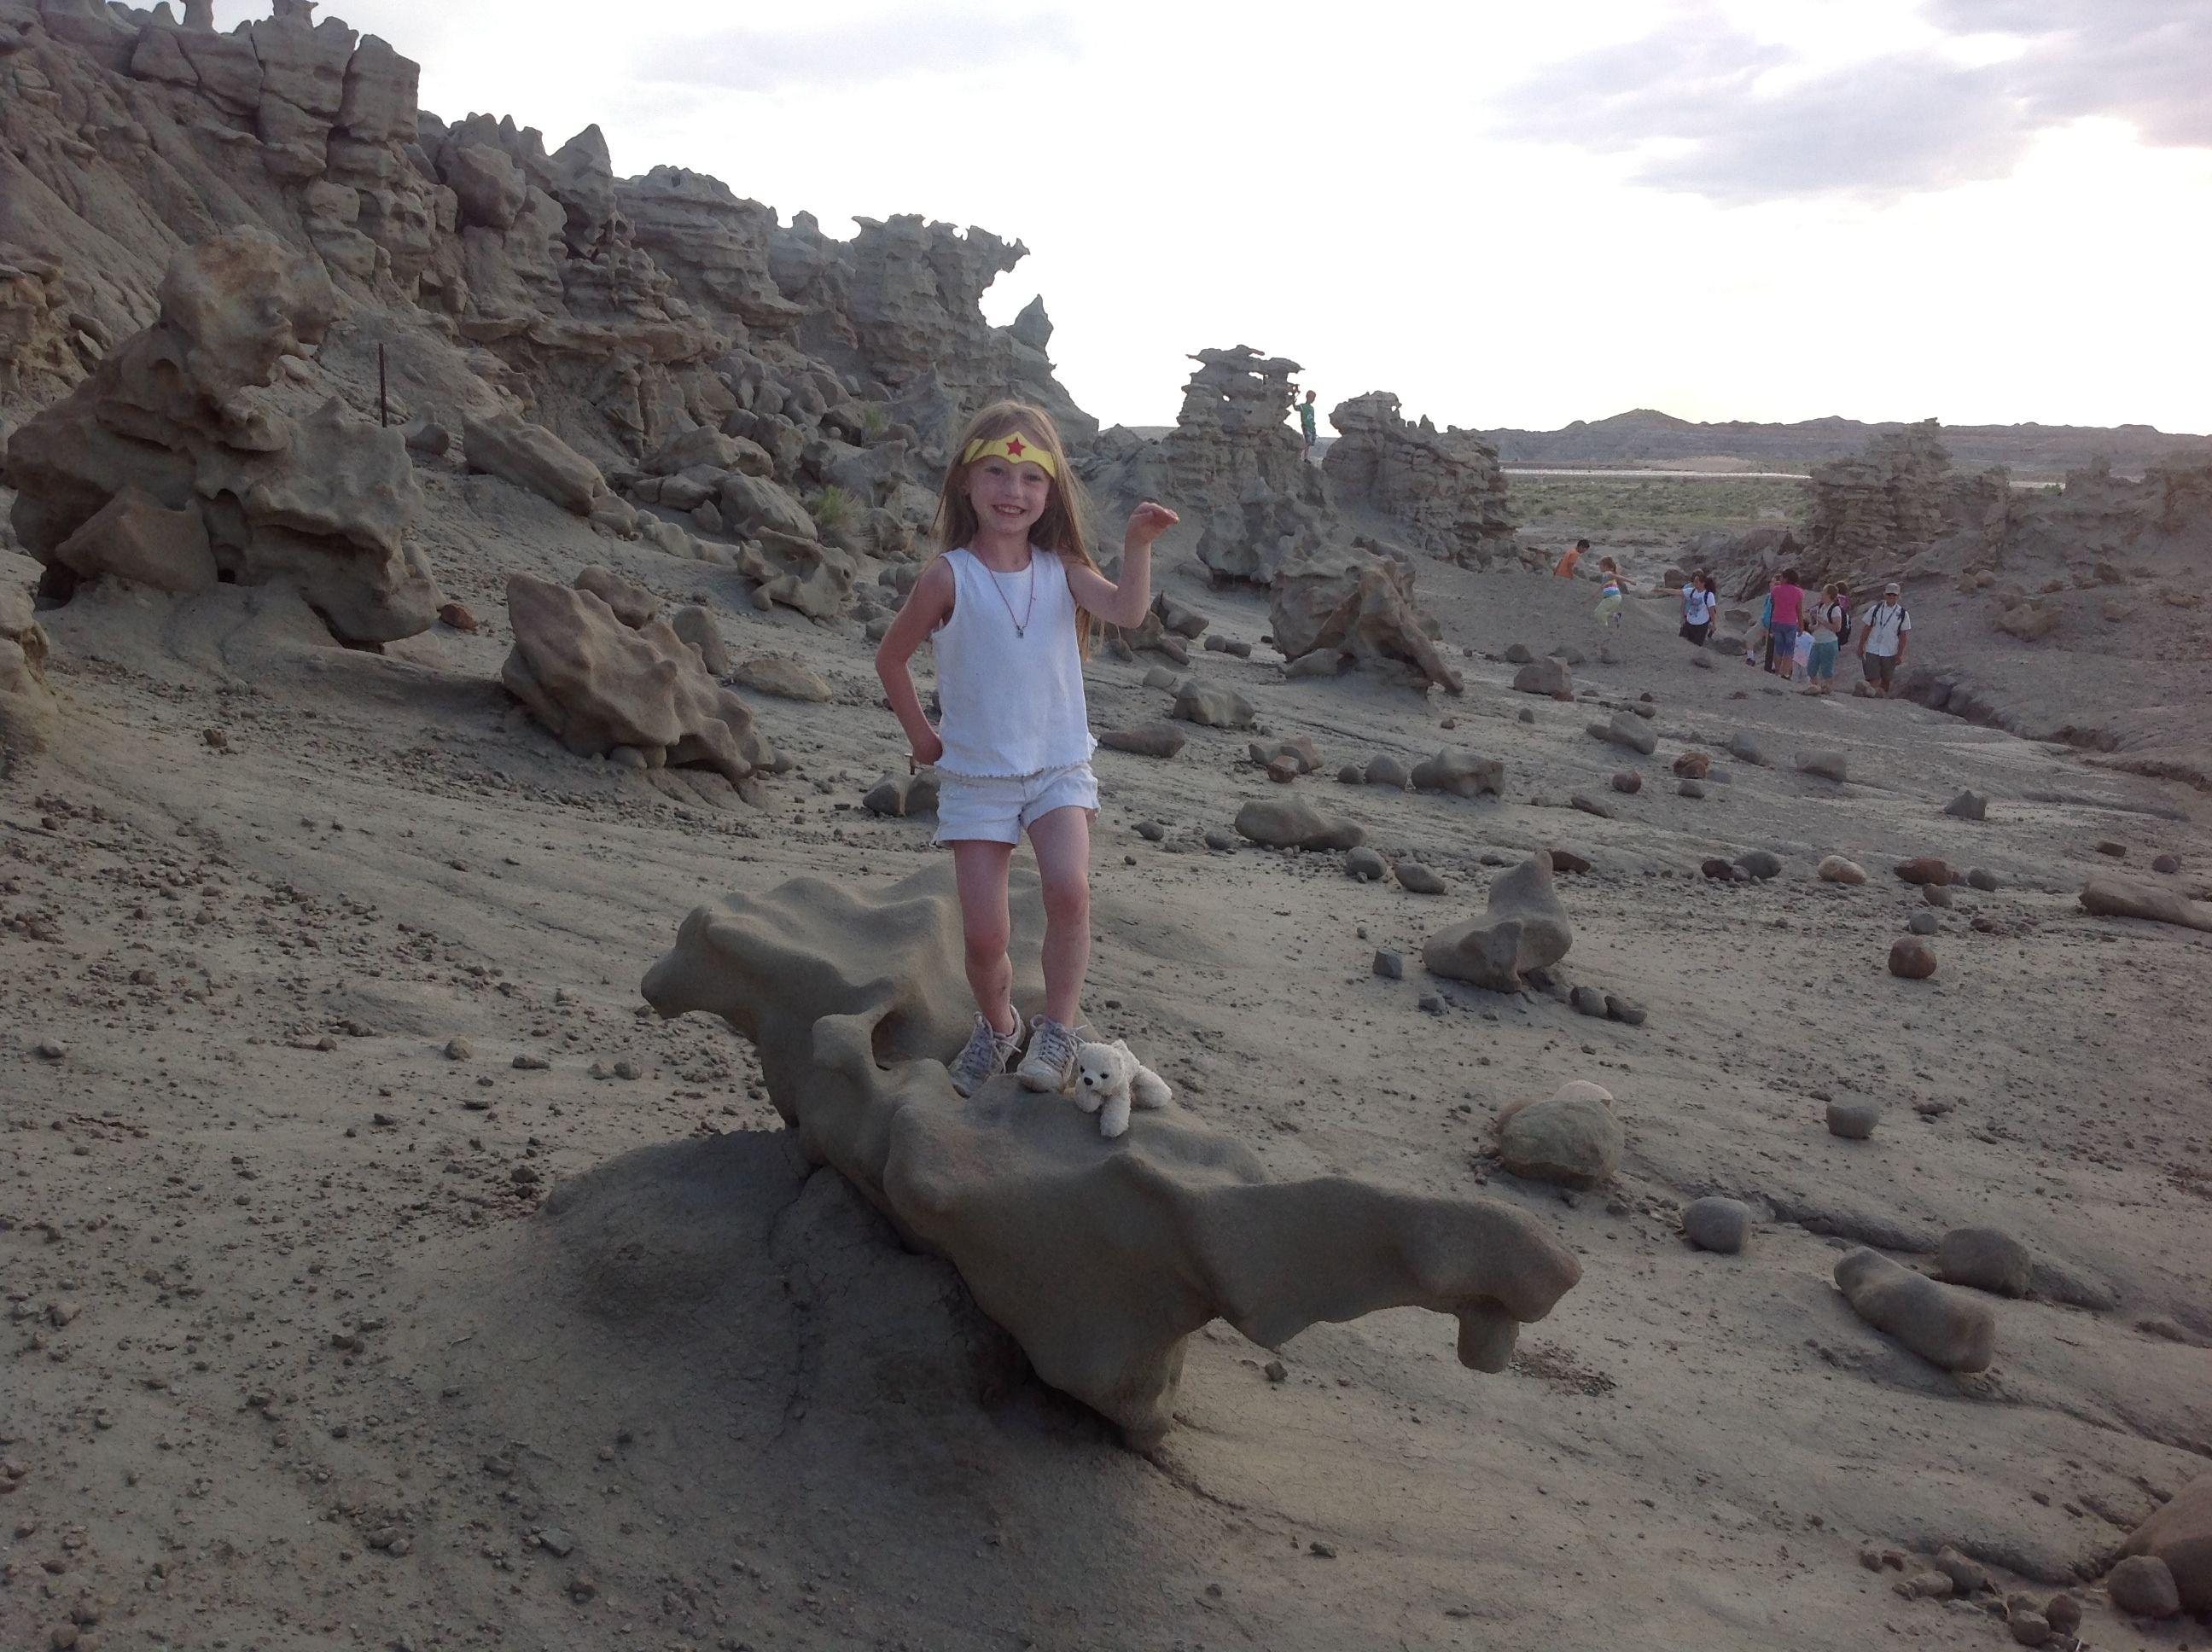 #FantasyCanyon #VisitUtah #Utah #VisitDinosaurland #Dinosaurland #VernalUtah